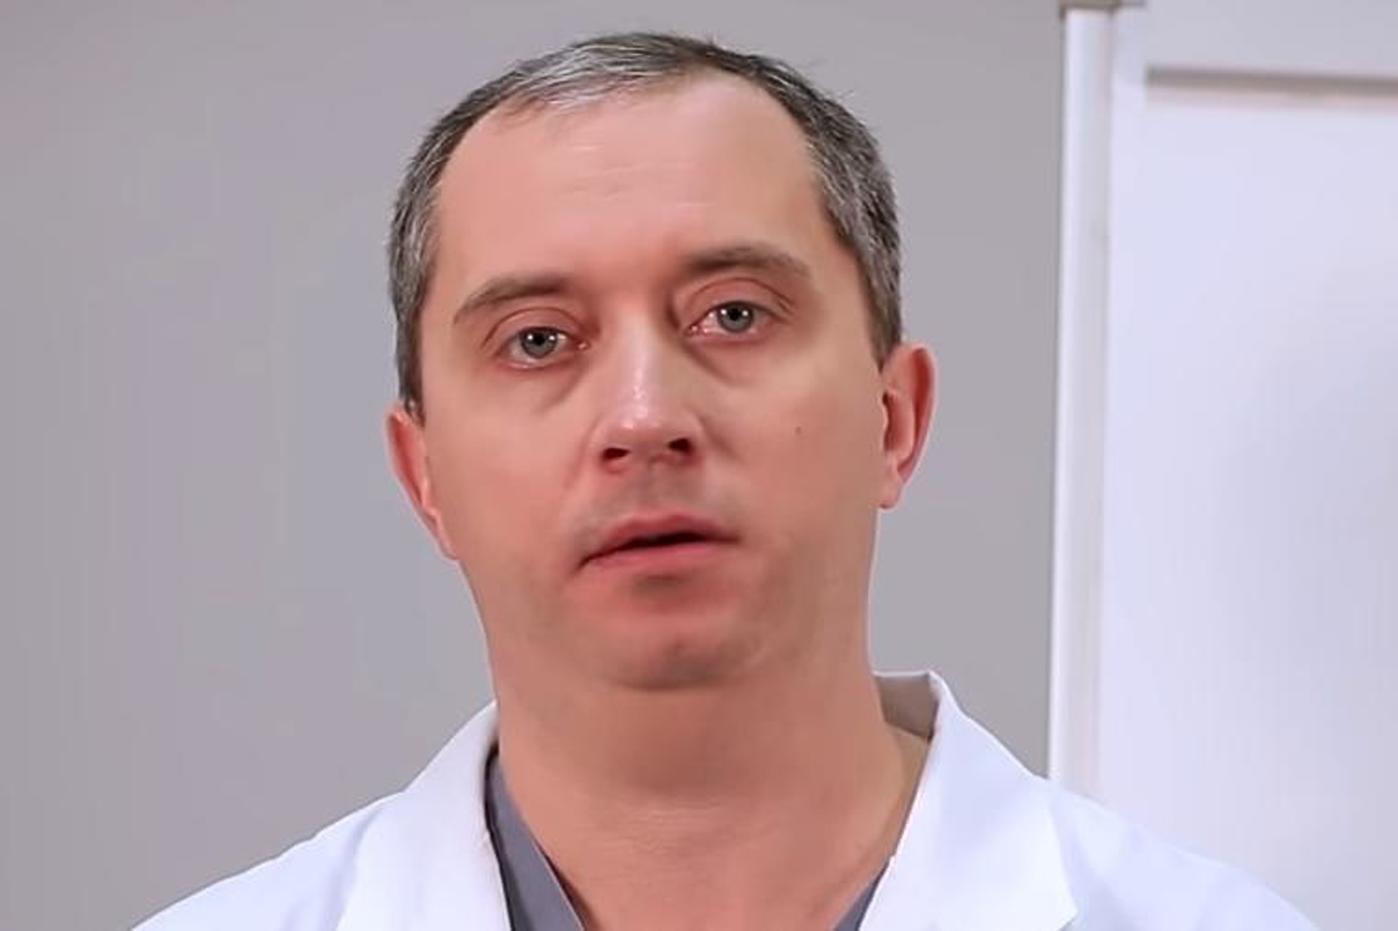 na ono što liječnik za liječenje hipertenzije popis tableta za hipertenziju